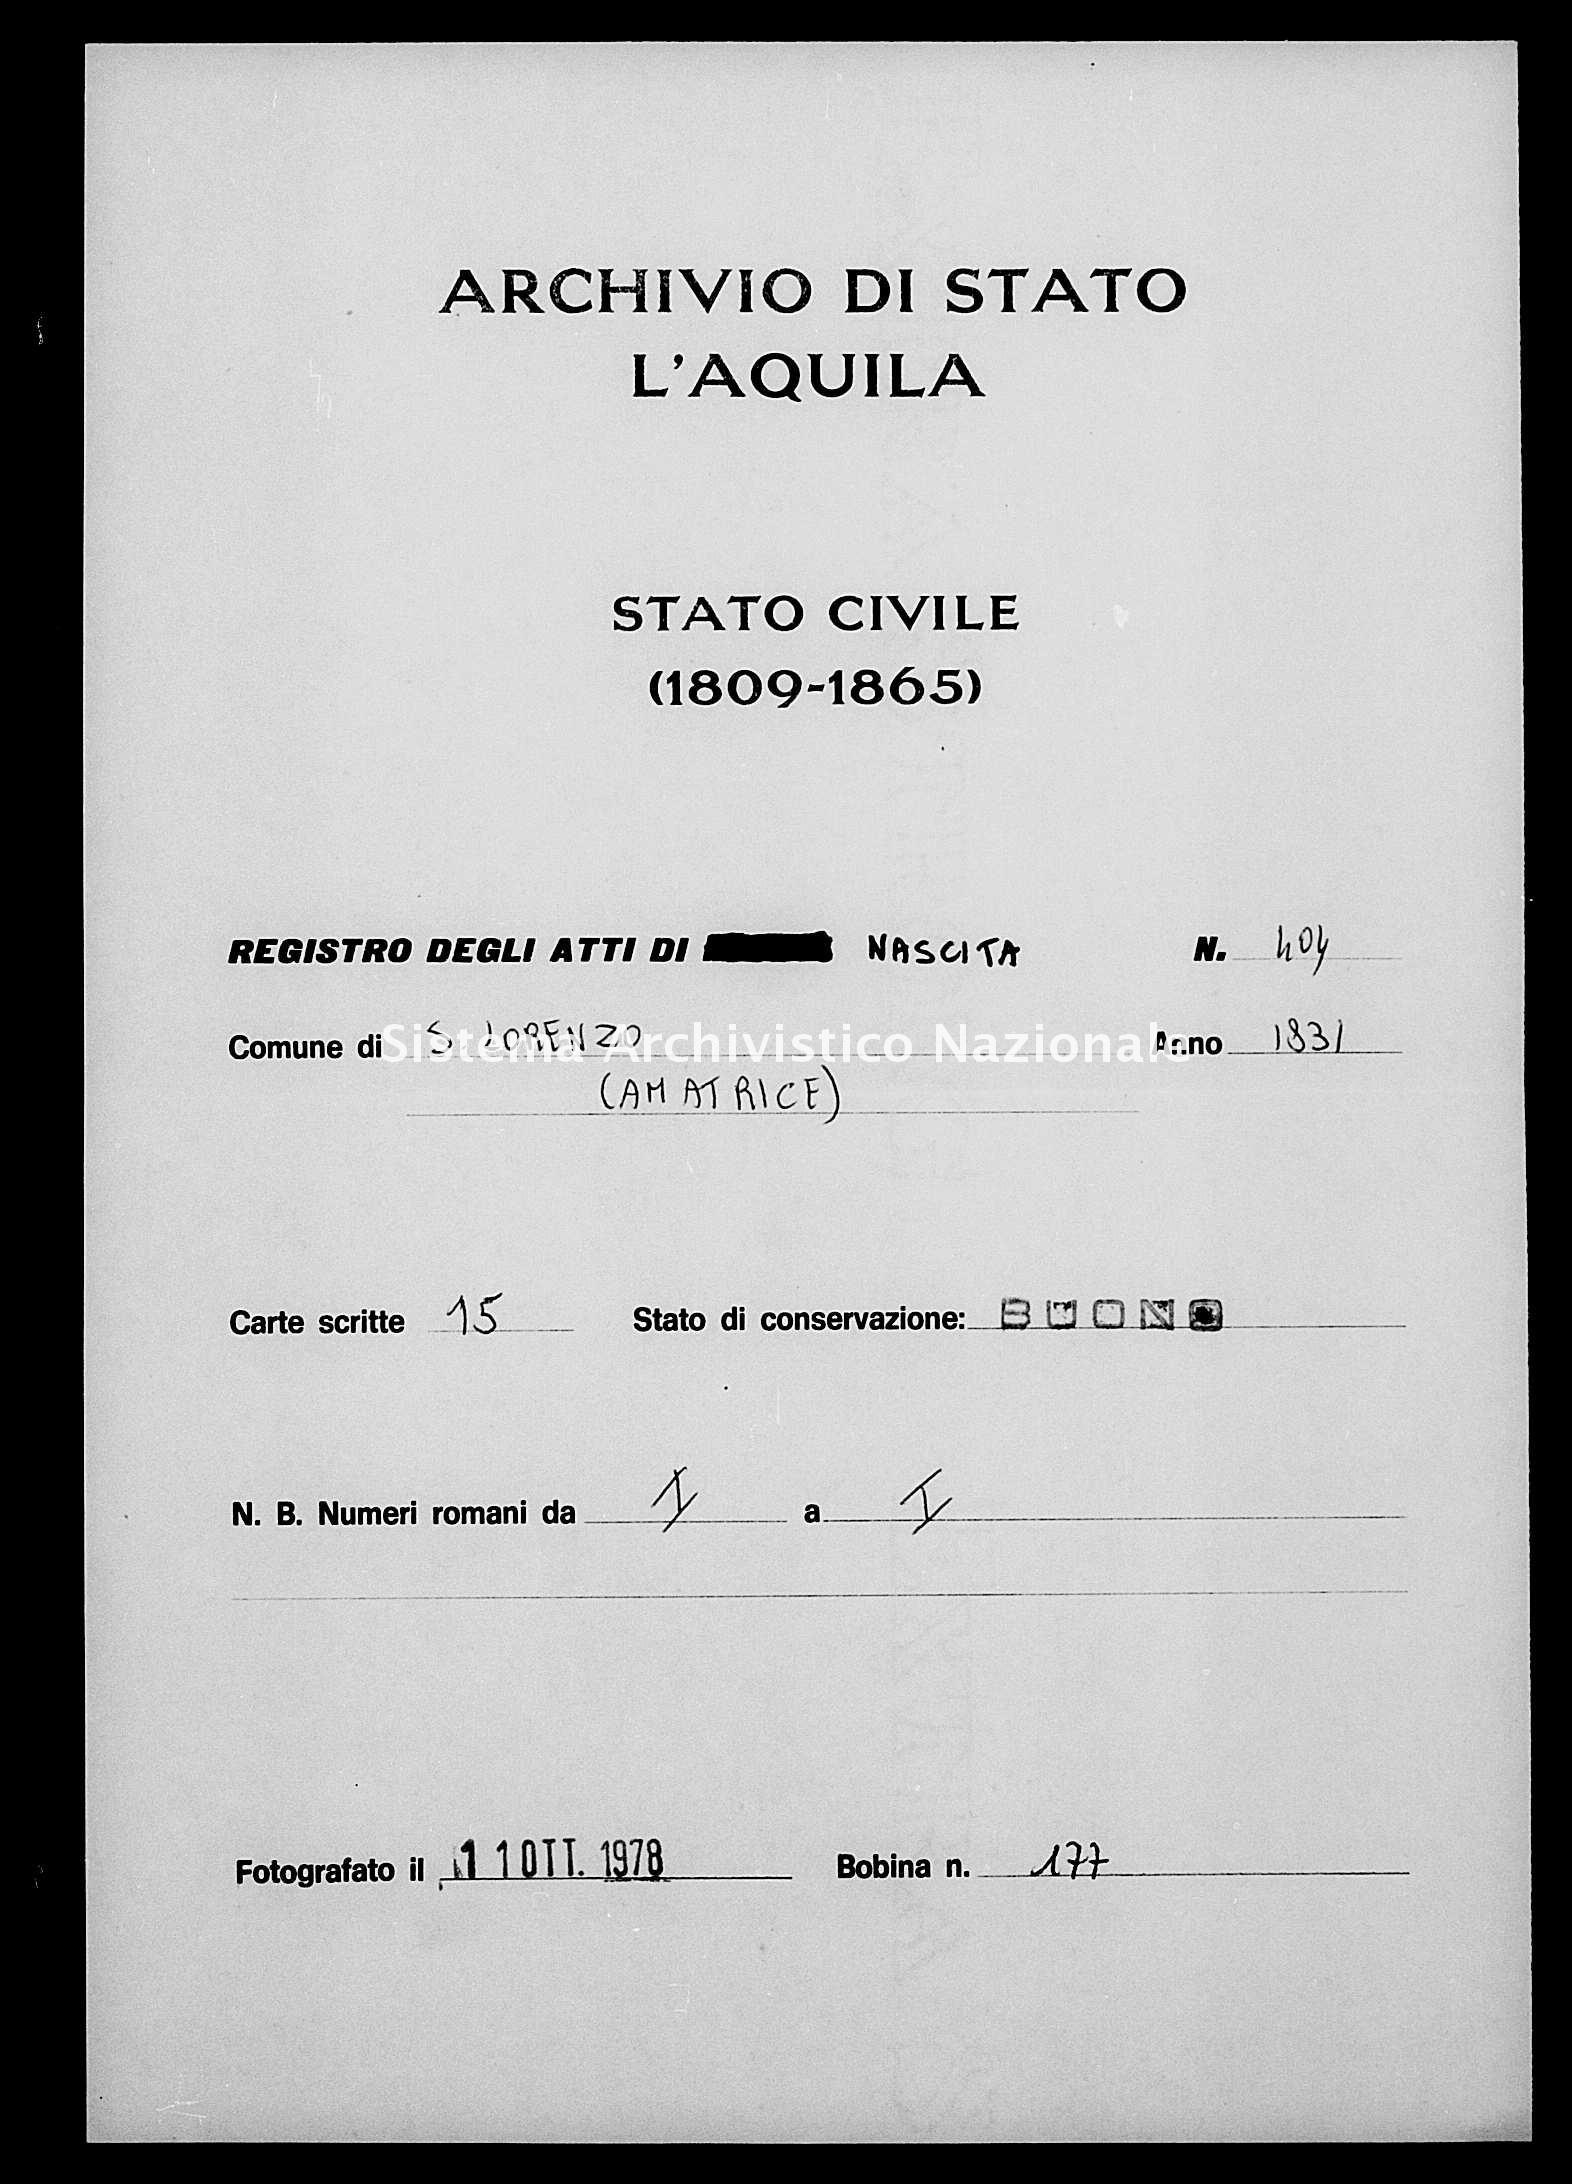 Archivio di stato di L'aquila - Stato civile della restaurazione - San Lorenzo - Nati - 1831 - 404 -